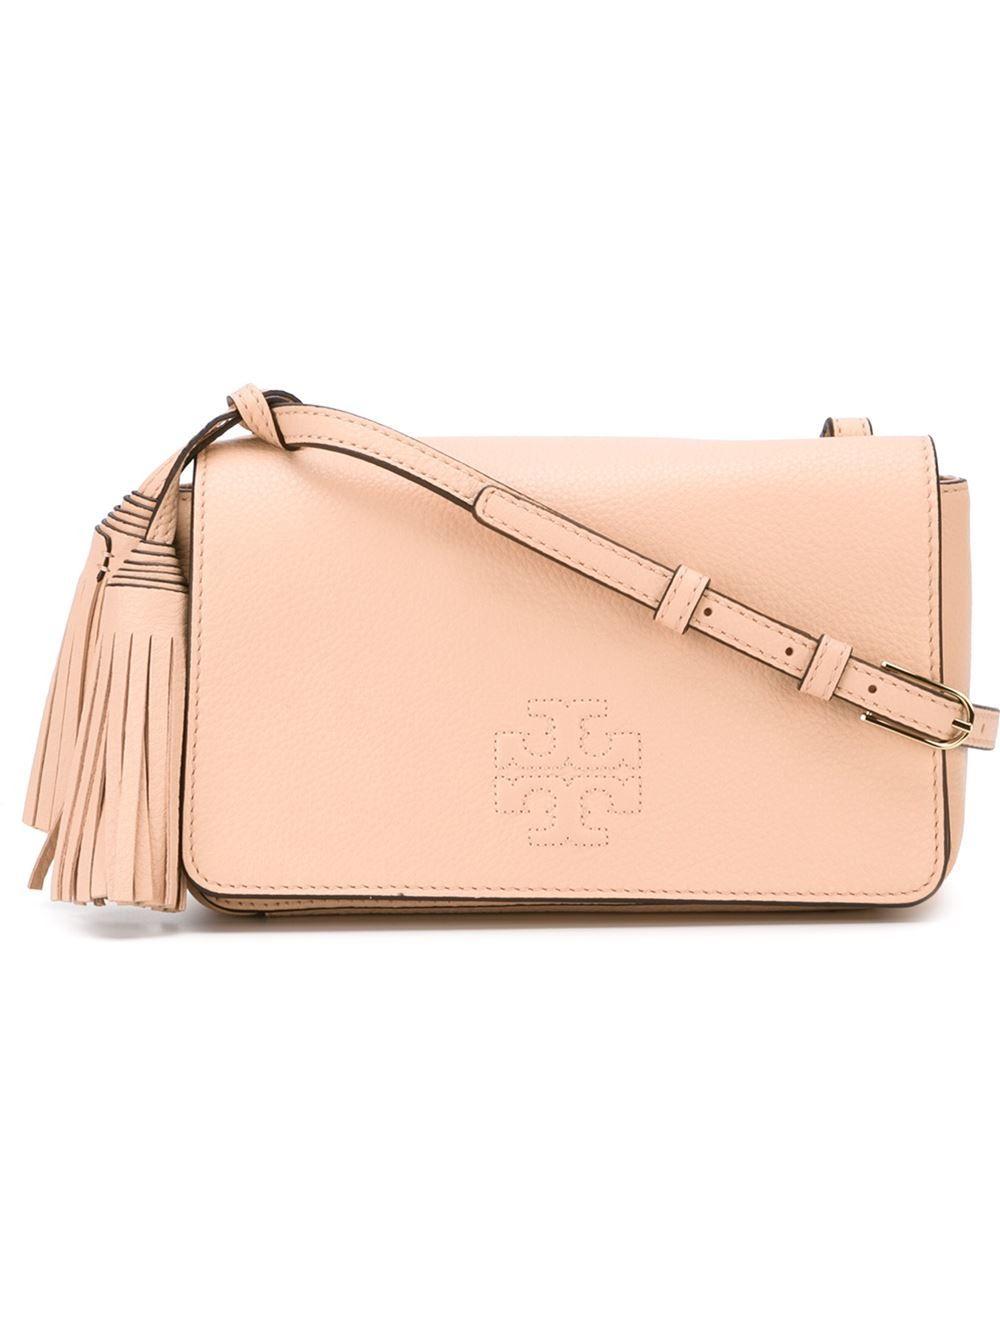 9d9140330833 Handbags · Tory Burch Bolsa de couro